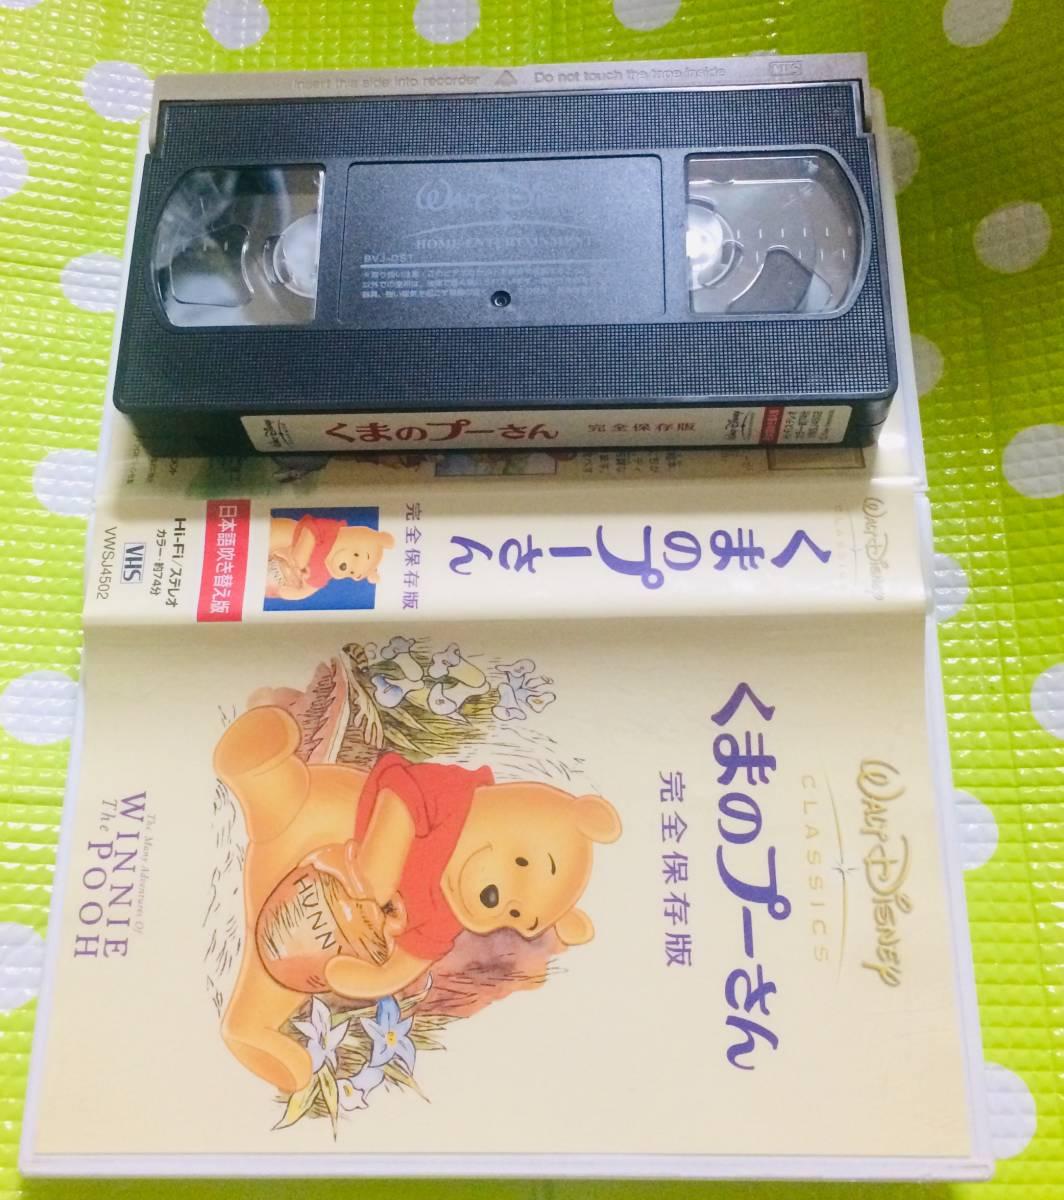 即決〈同梱歓迎〉VHS くまのプーさん 完全保存版 日本語吹き替え版 ディズニー アニメ◎その他ビデオ多数出品中θt6927_画像1